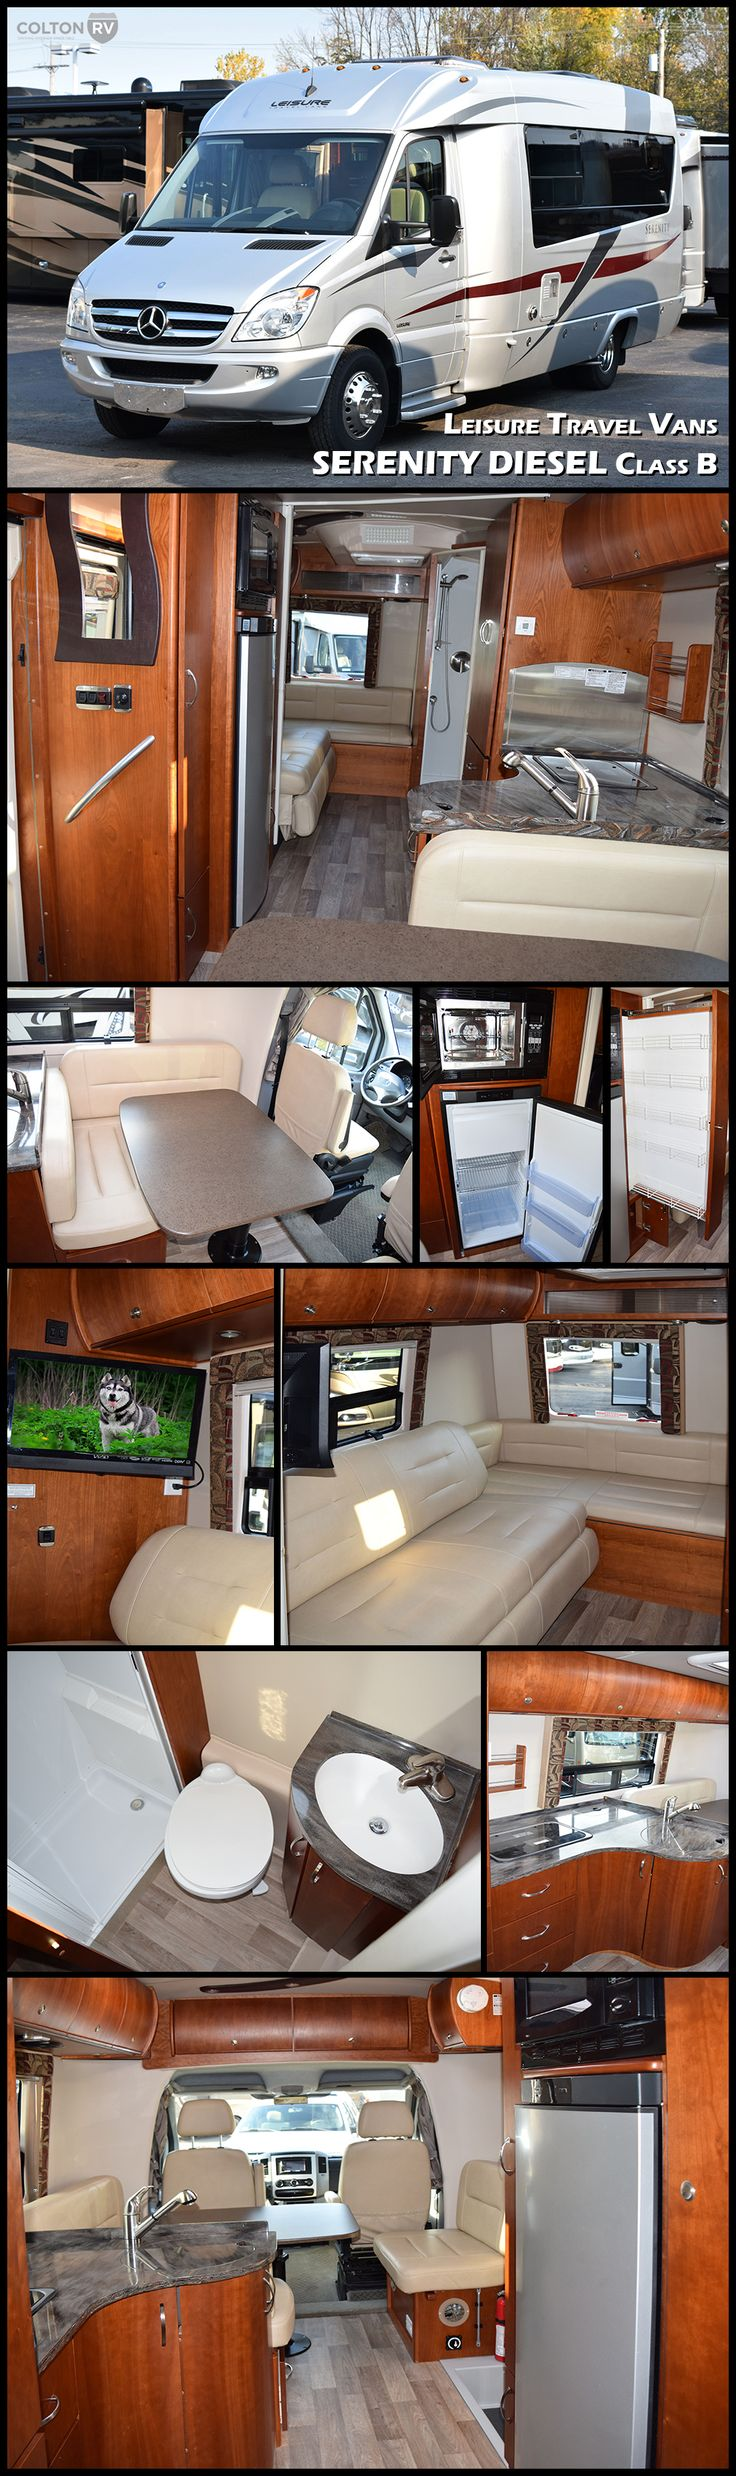 Van Conversion Sink Powered By Mercedes Benz The LEISURE TRAVEL VANS SERENITY DIESEL Class B Motorhome Is